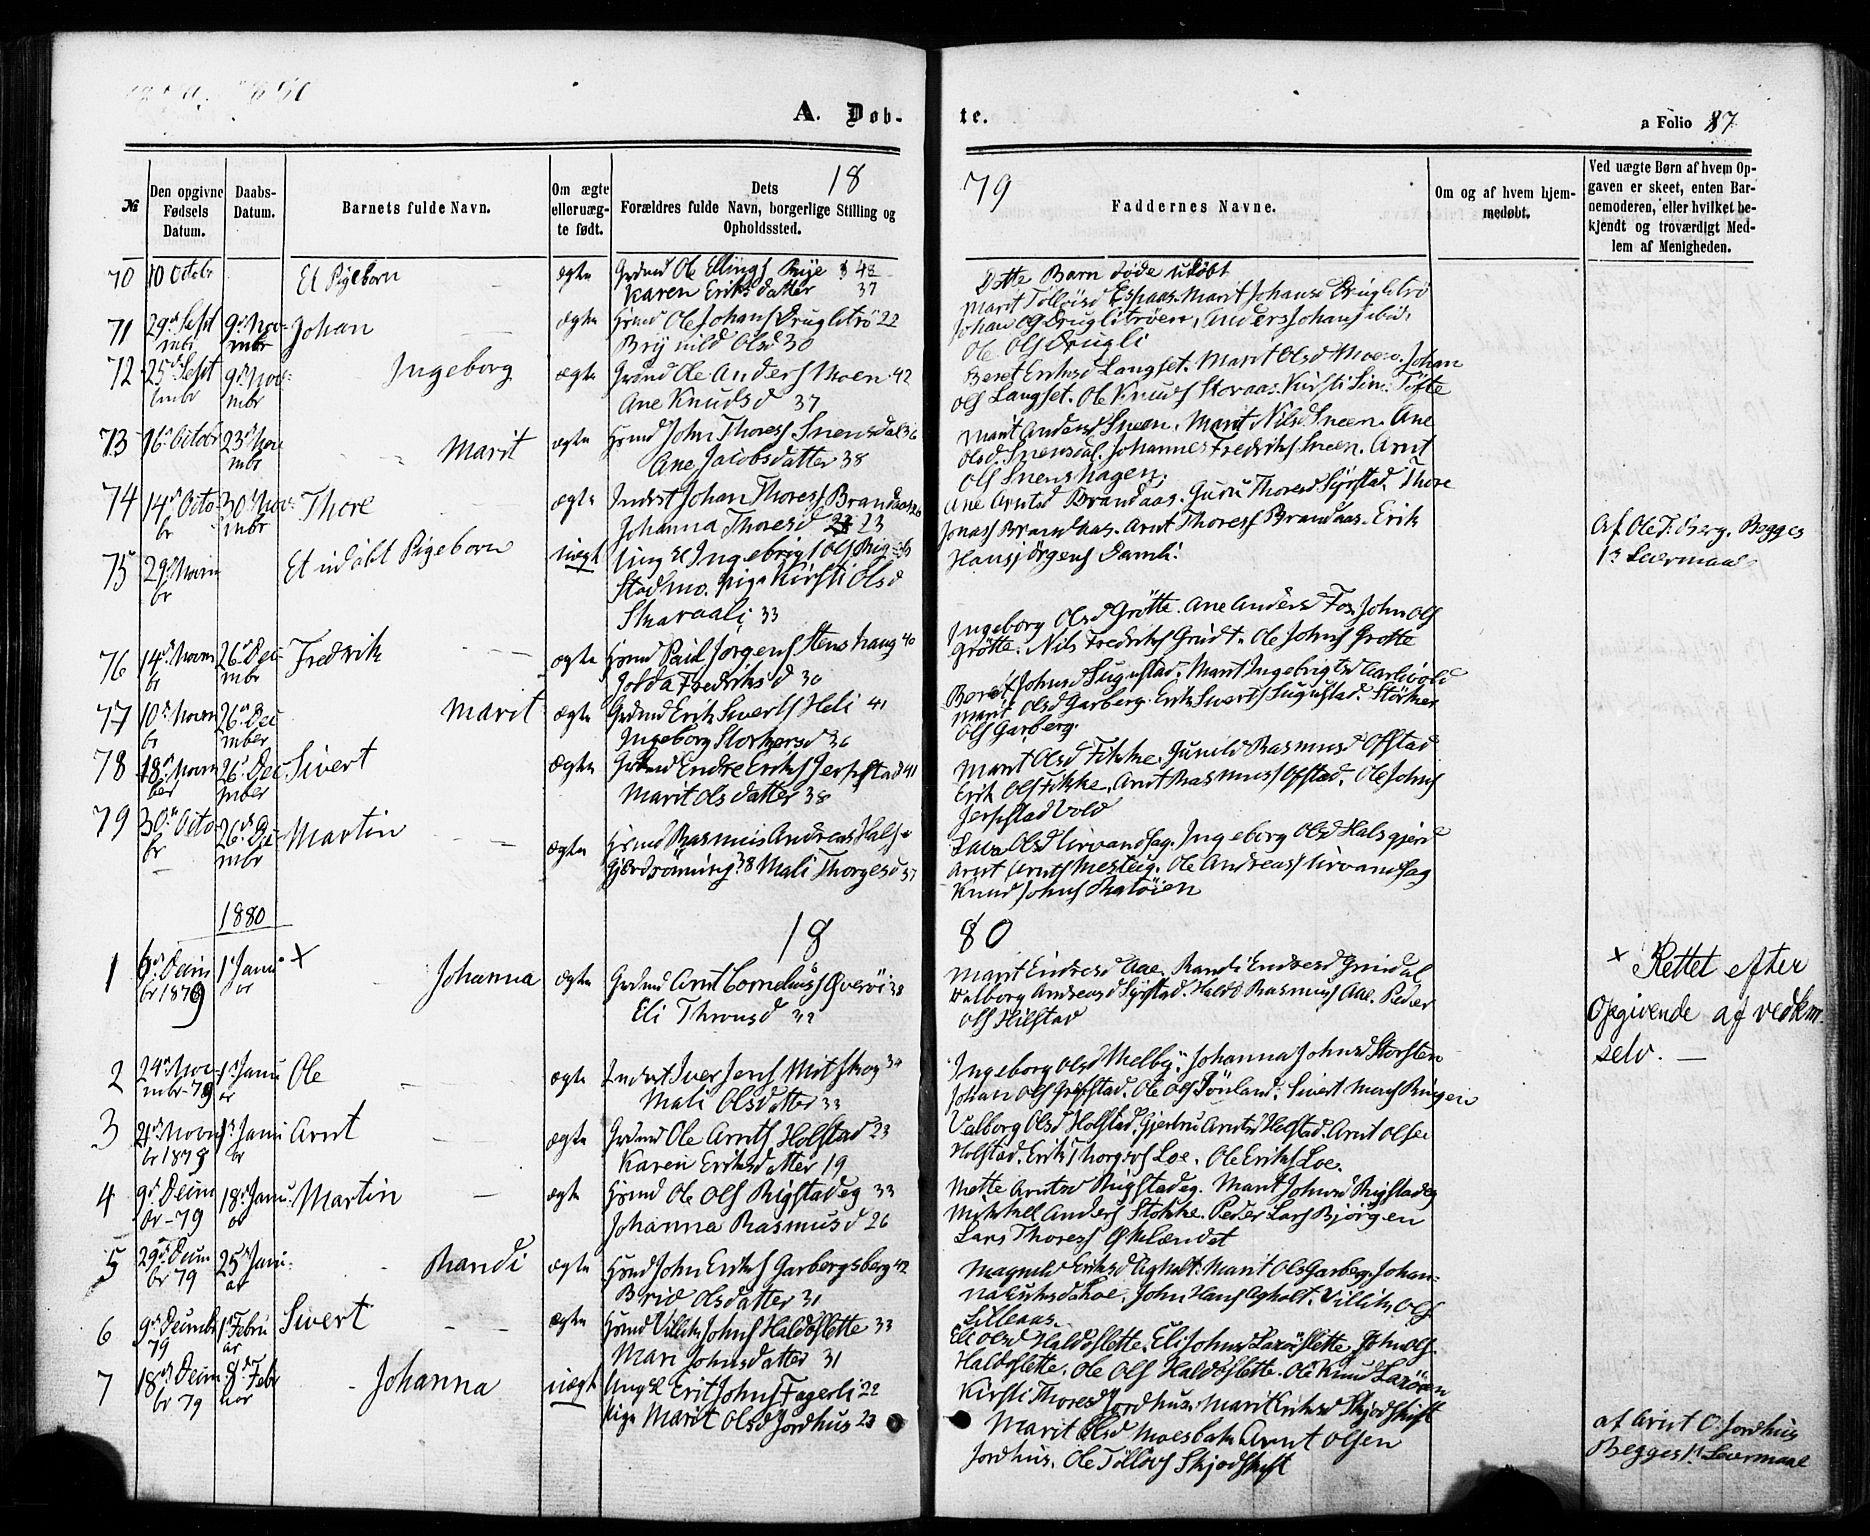 SAT, Ministerialprotokoller, klokkerbøker og fødselsregistre - Sør-Trøndelag, 672/L0856: Ministerialbok nr. 672A08, 1861-1881, s. 87